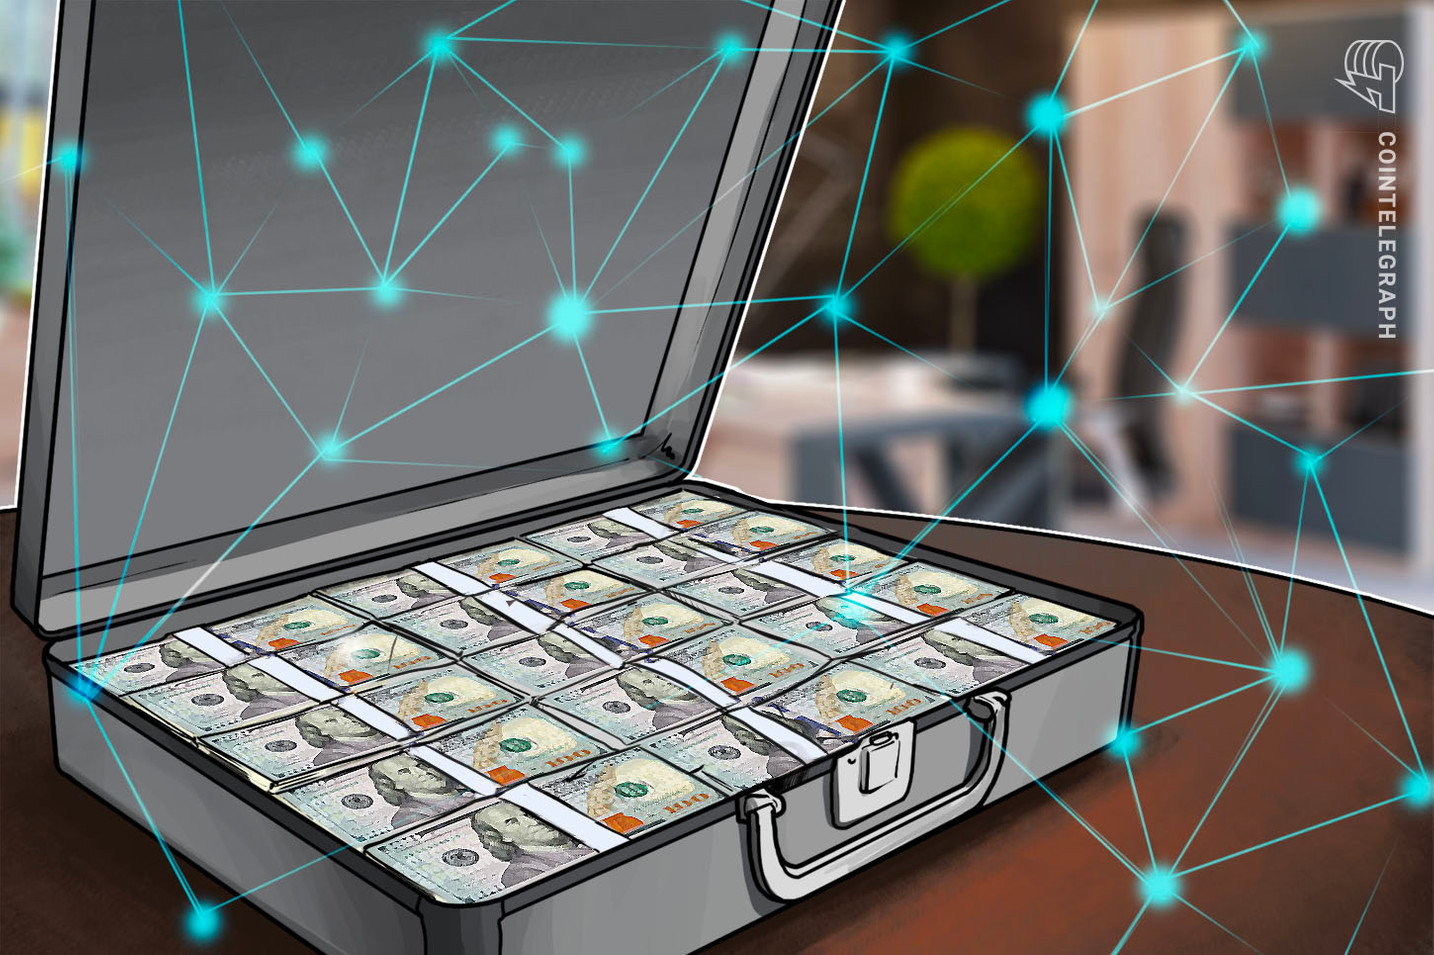 Agenzia immobiliare svizzera conclude accordo da 121 milioni di euro usando la blockchain